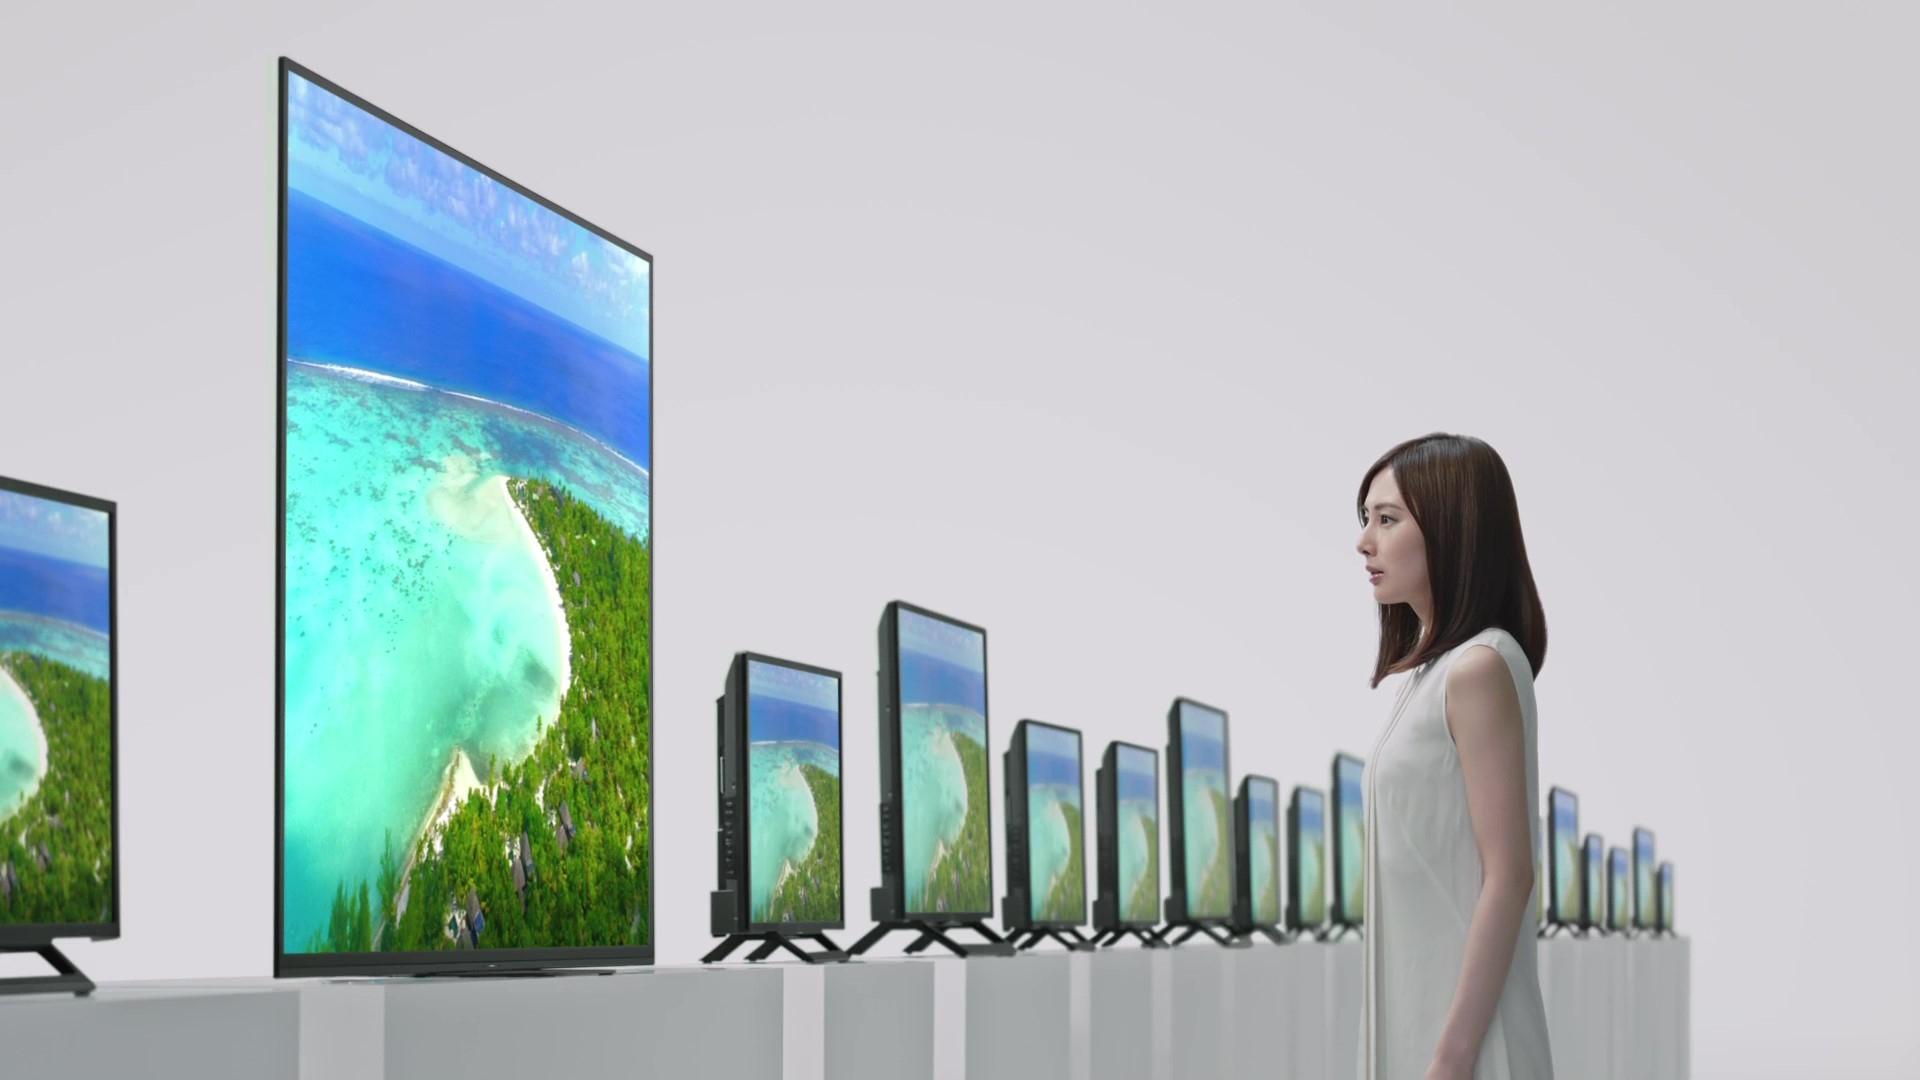 ソニー ブラビア 4Kチューナー内蔵薄型TV